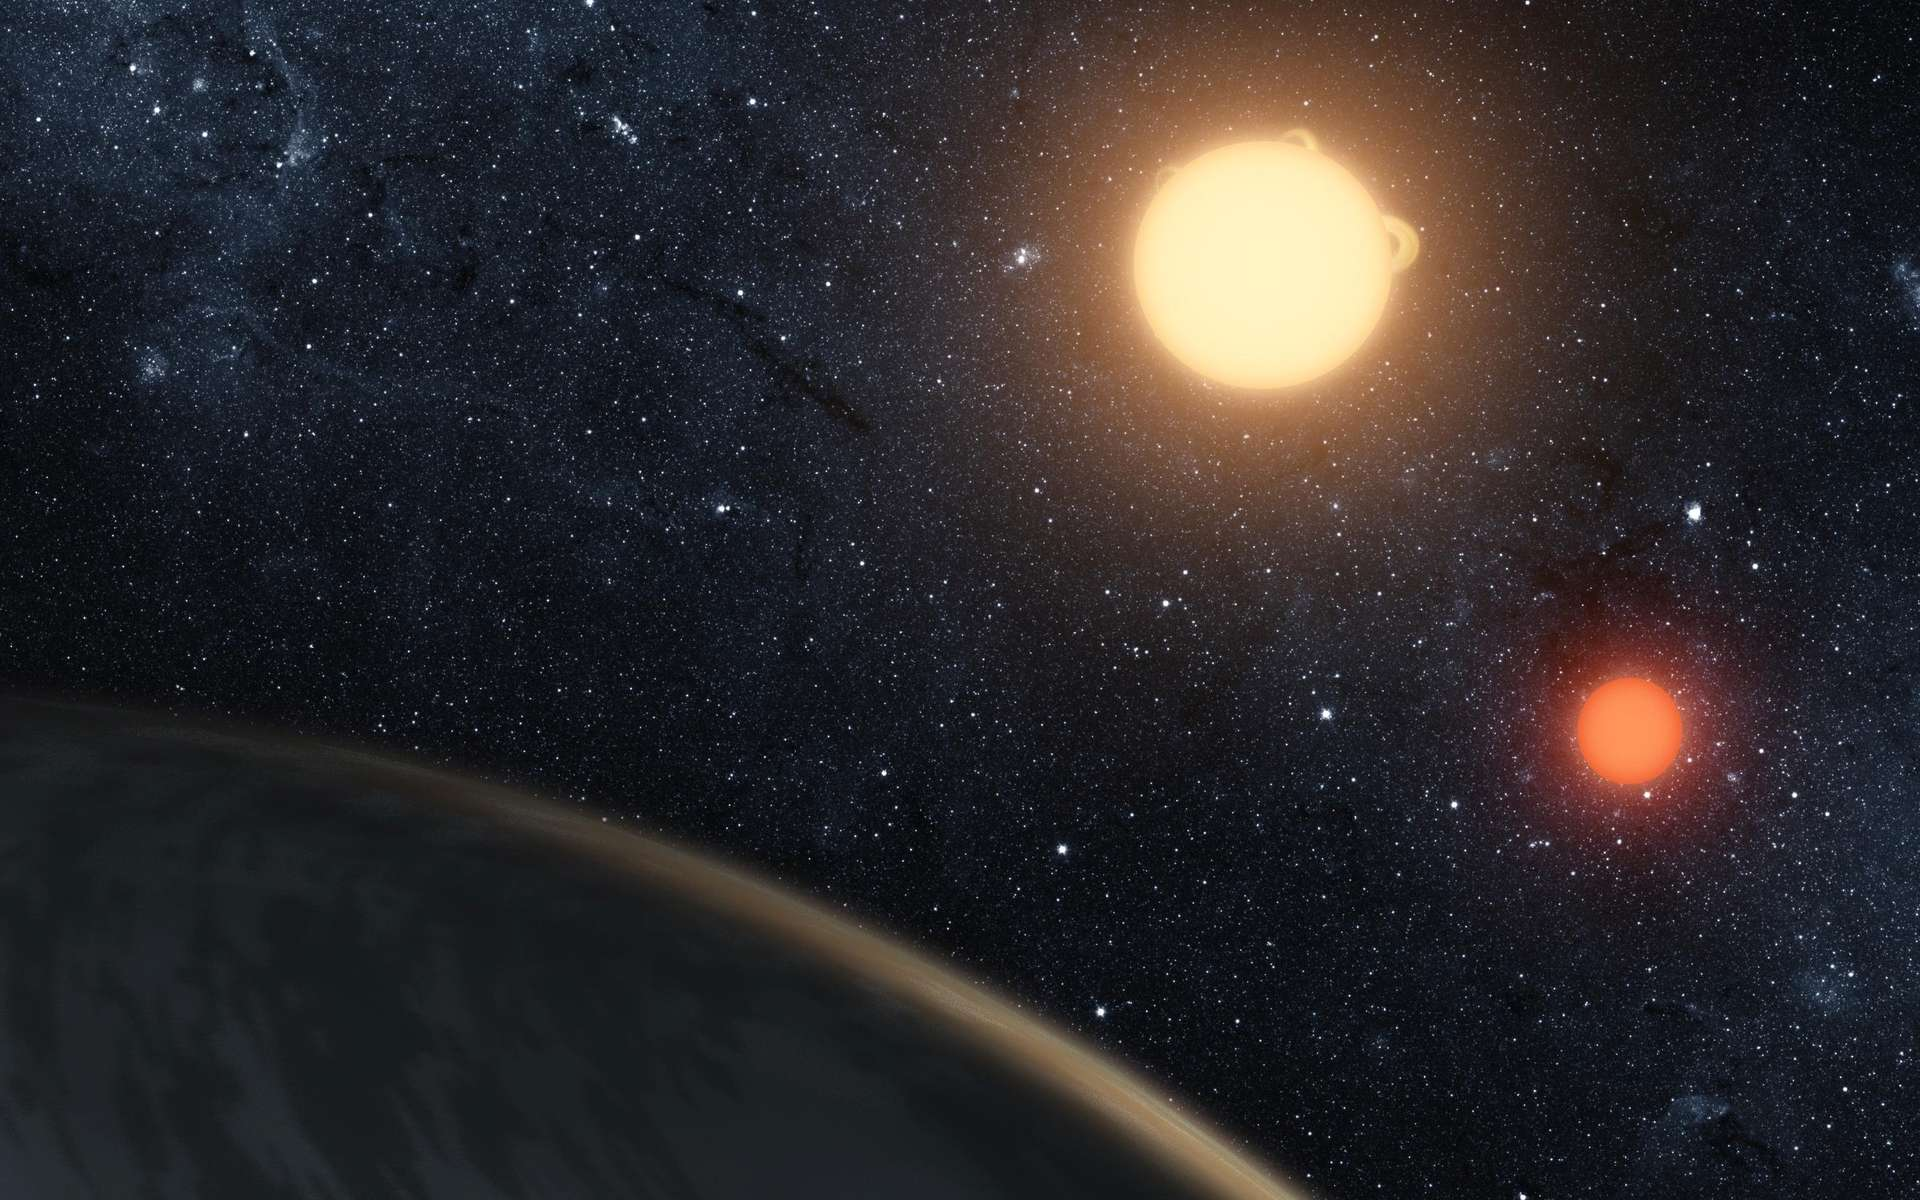 Illustration du système Kepler-16b. © Nasa, JPL-Caltech, T. Pyle